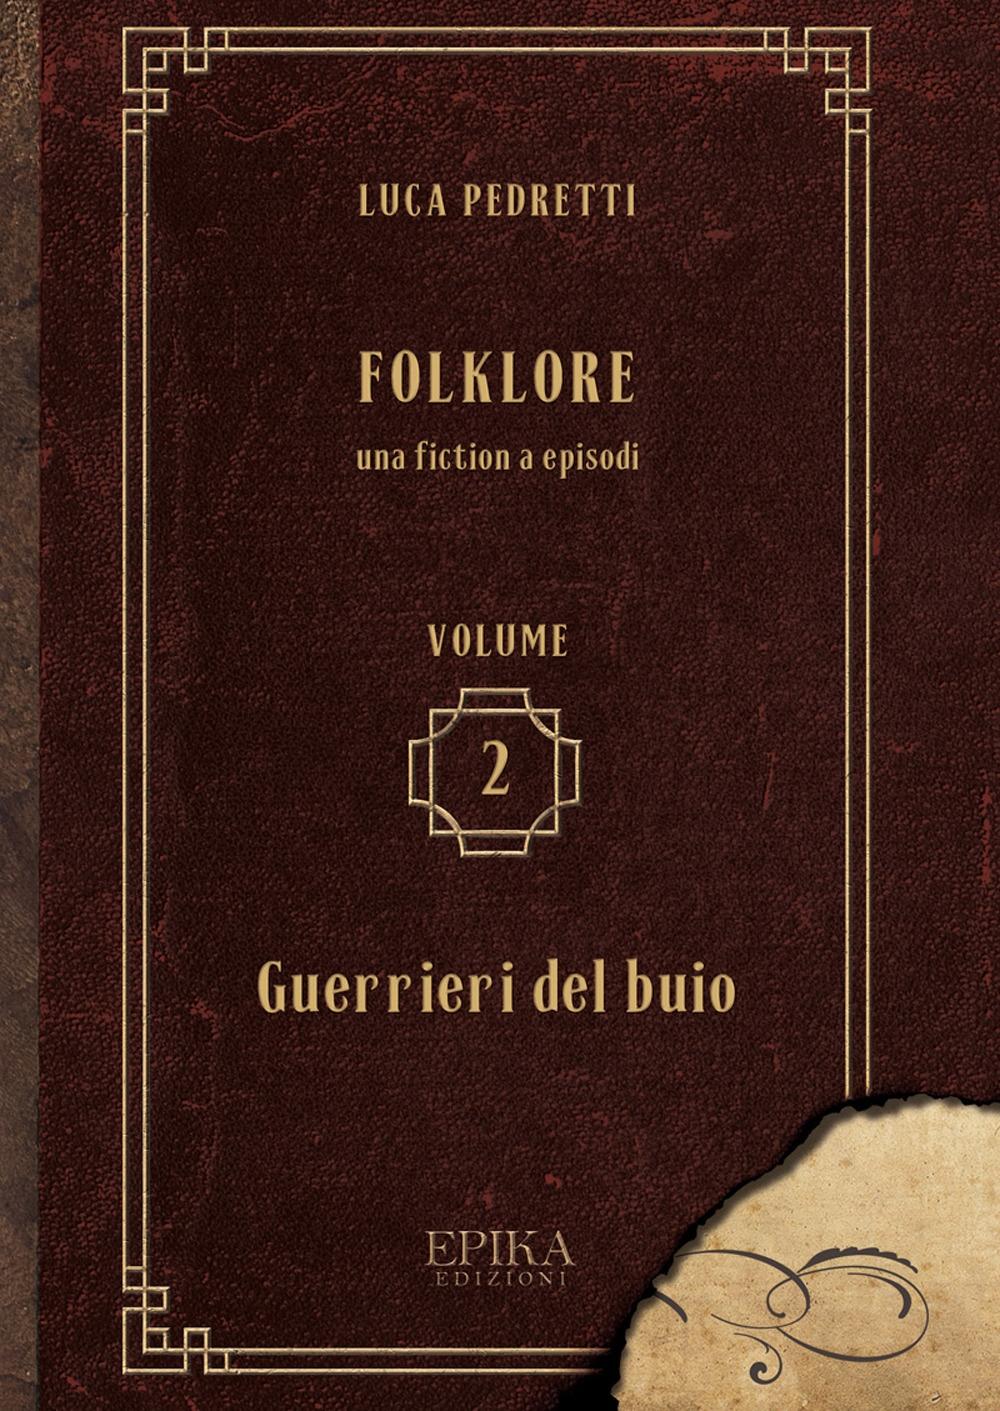 Folklore. Vol. 2: Guerrieri del buio